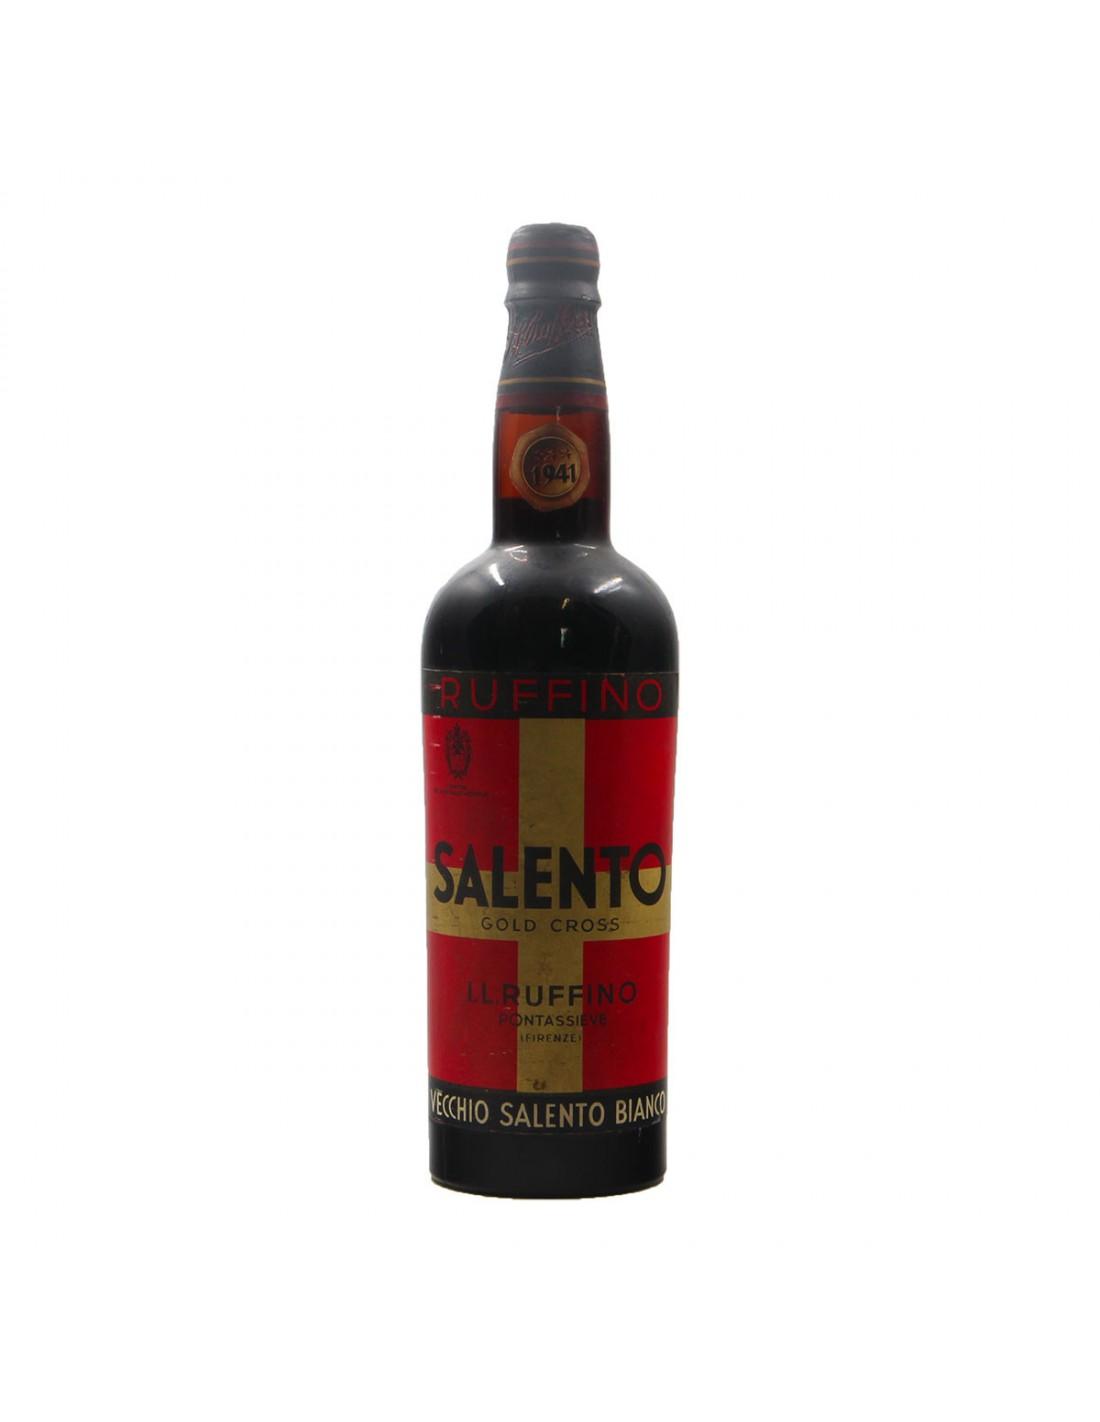 VECCHIO SALENTO BIANCO 1941 RUFFINO GRANDI BOTTIGLIE